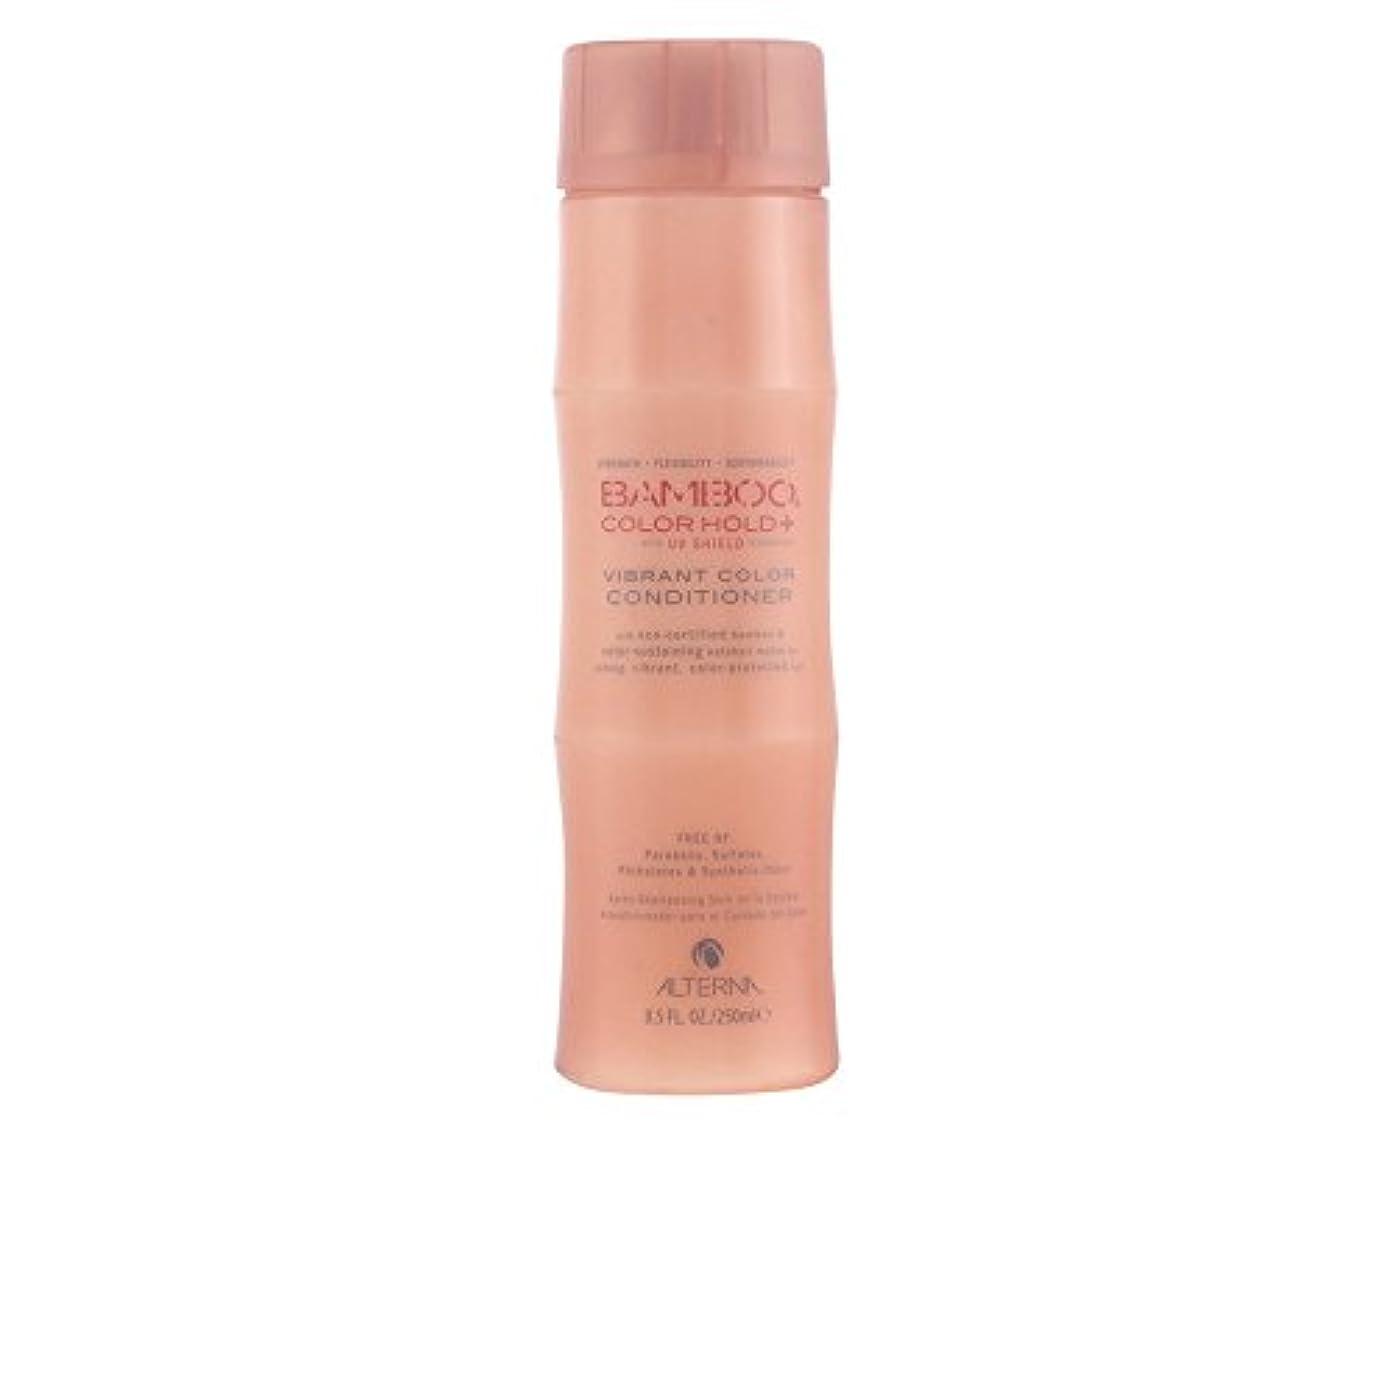 驚きトライアスリート寛容なBamboo Color Hold+ Color Protection Vibrant Color Conditioner (For Strong Vibrant Color-Protected Hair) - 250ml...